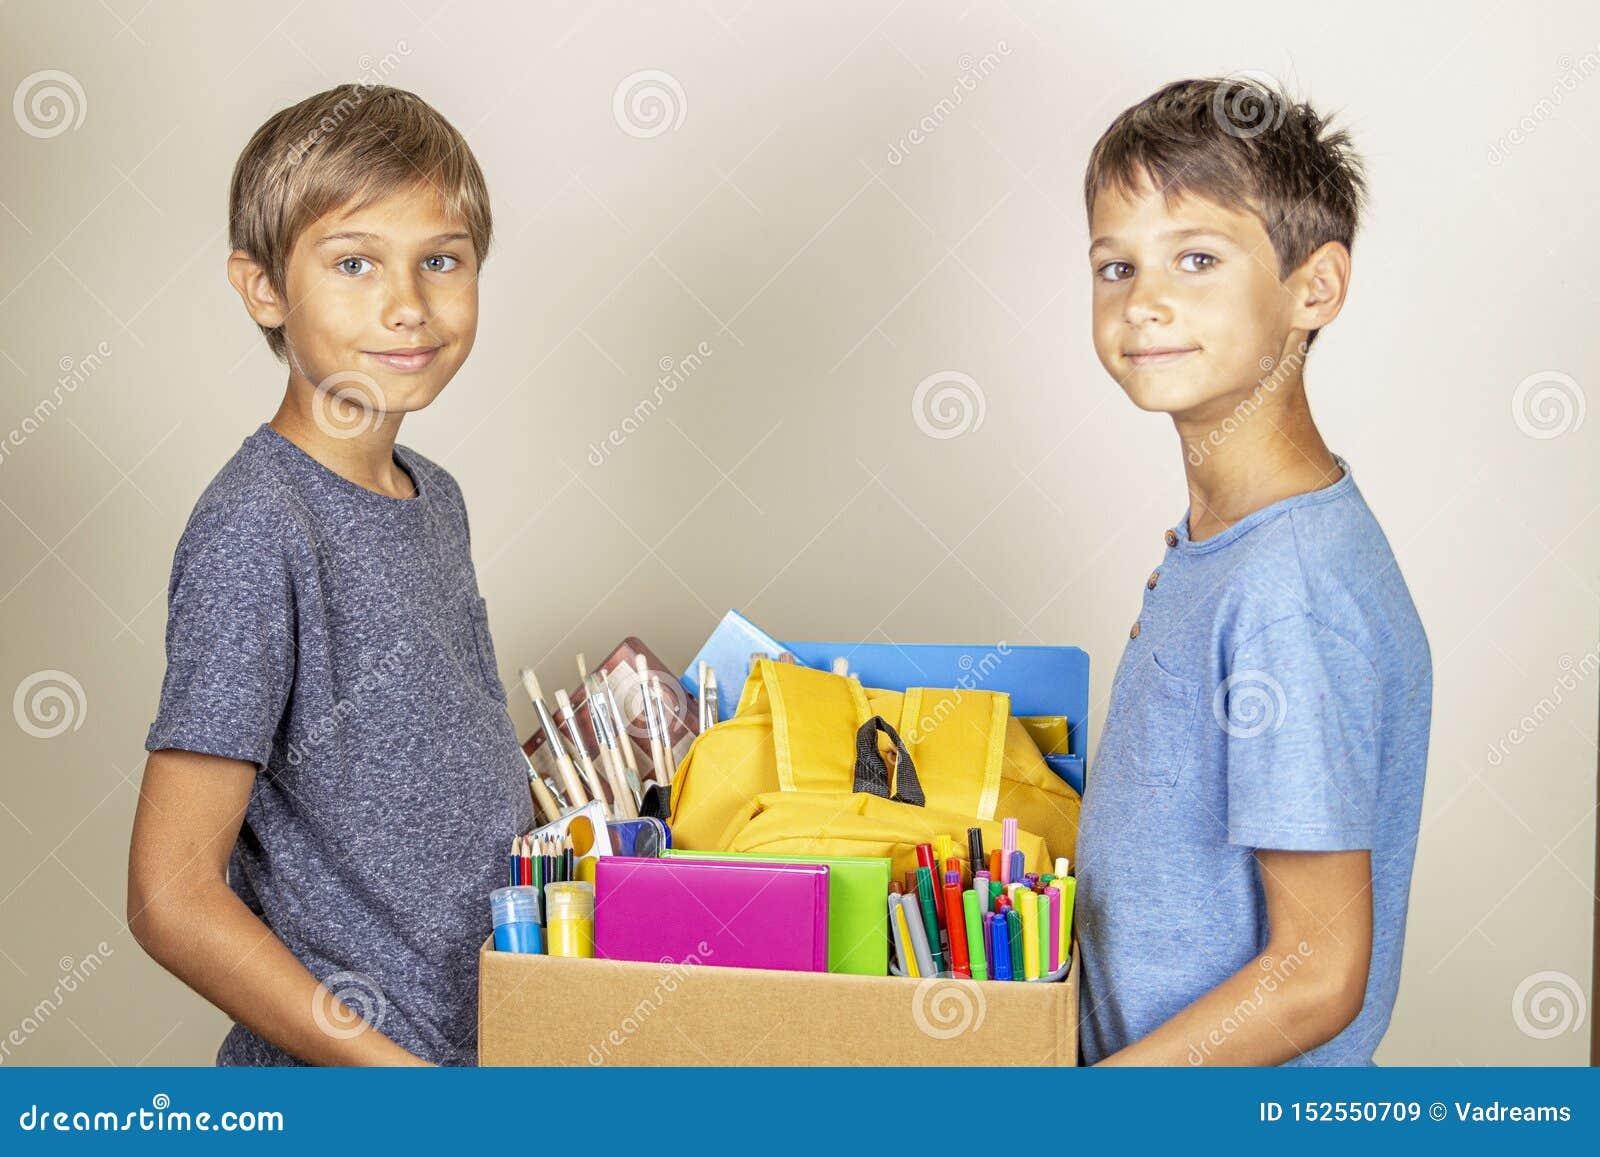 Концепция пожертвования Удержание детей дарит коробку с книгами и школьными принадлежностями